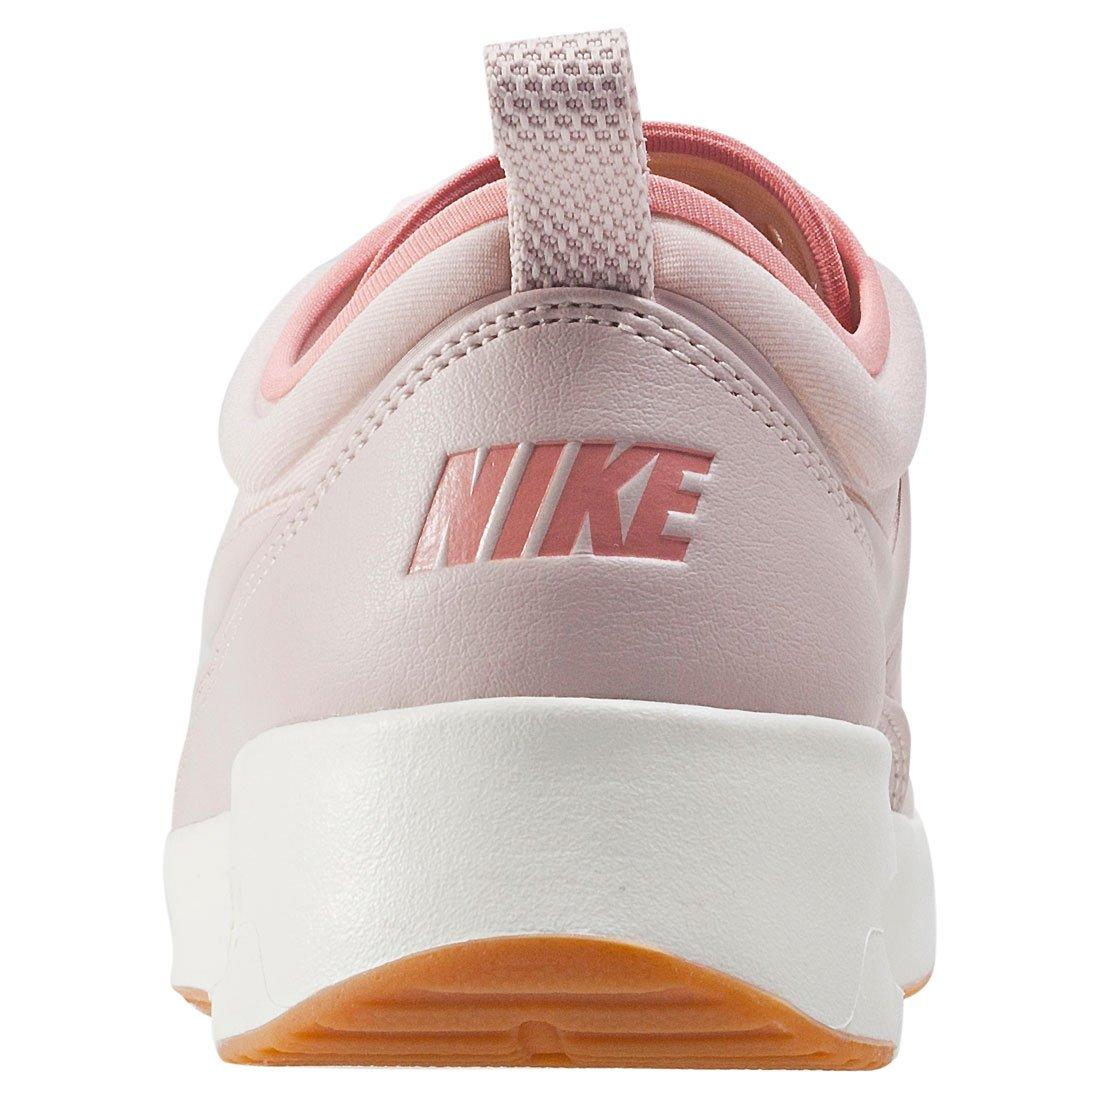 Nike Turnschuhe Damen Air Max Thea Ultra Premium Turnschuhe Nike 41 ca7653